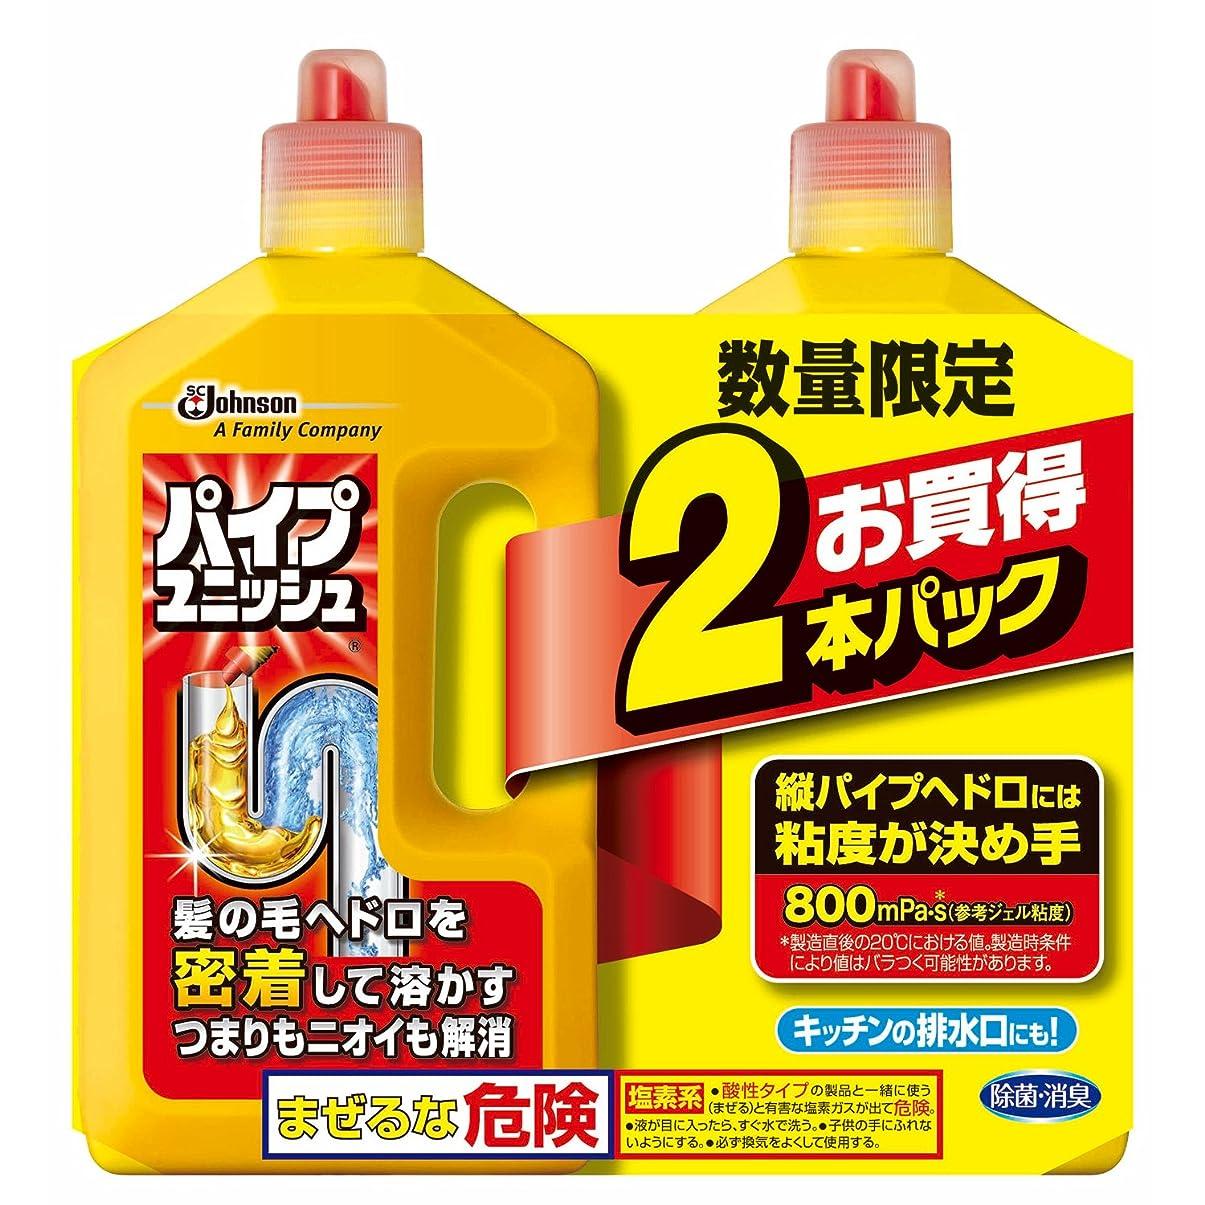 かどうか不安定な割合排水管用洗浄剤 お願いだからほっといて 【3本セット】(流し台用?お風呂用?トイレ用250ml各1本)